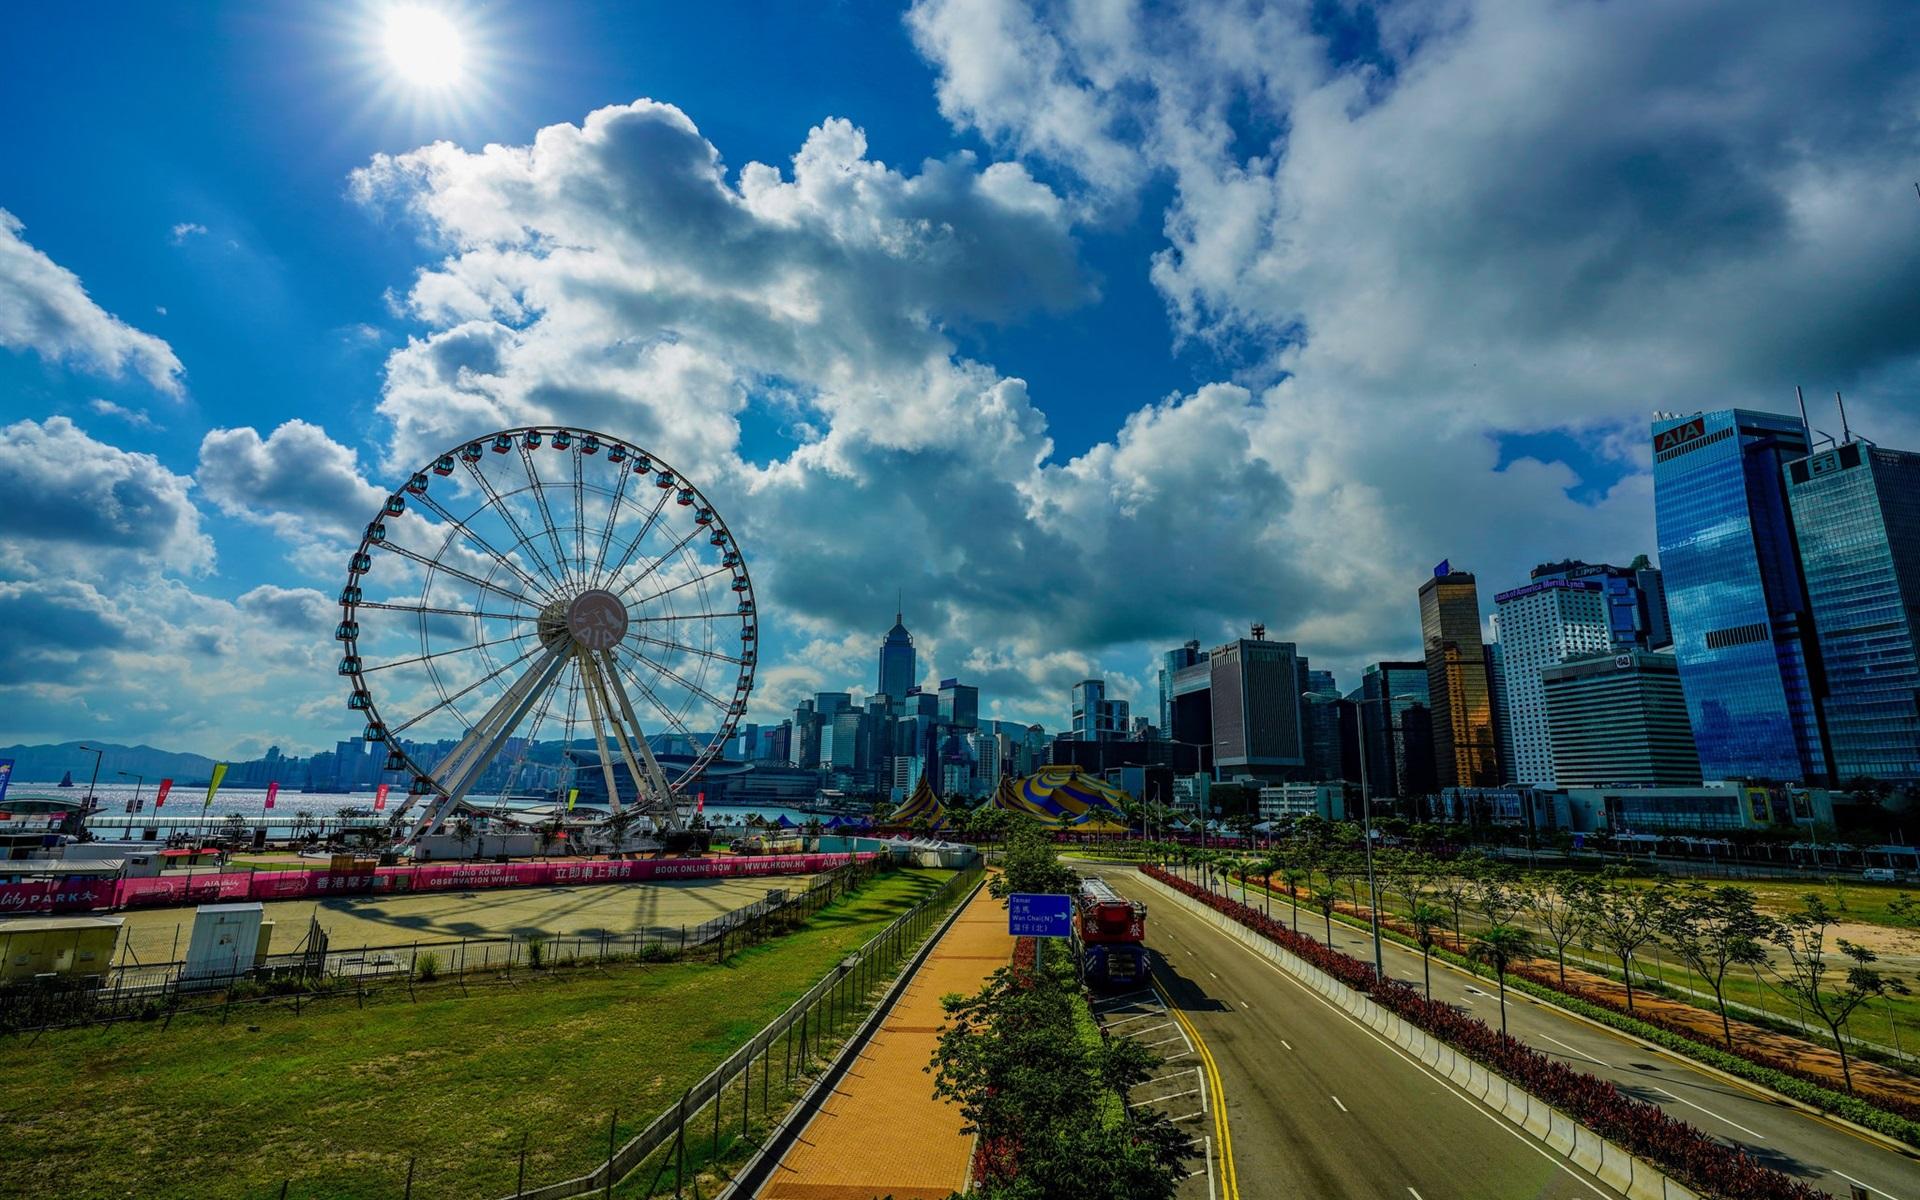 壁紙 香港 都市 朝 観覧車 1920x1200 Hd 無料のデスクトップの背景